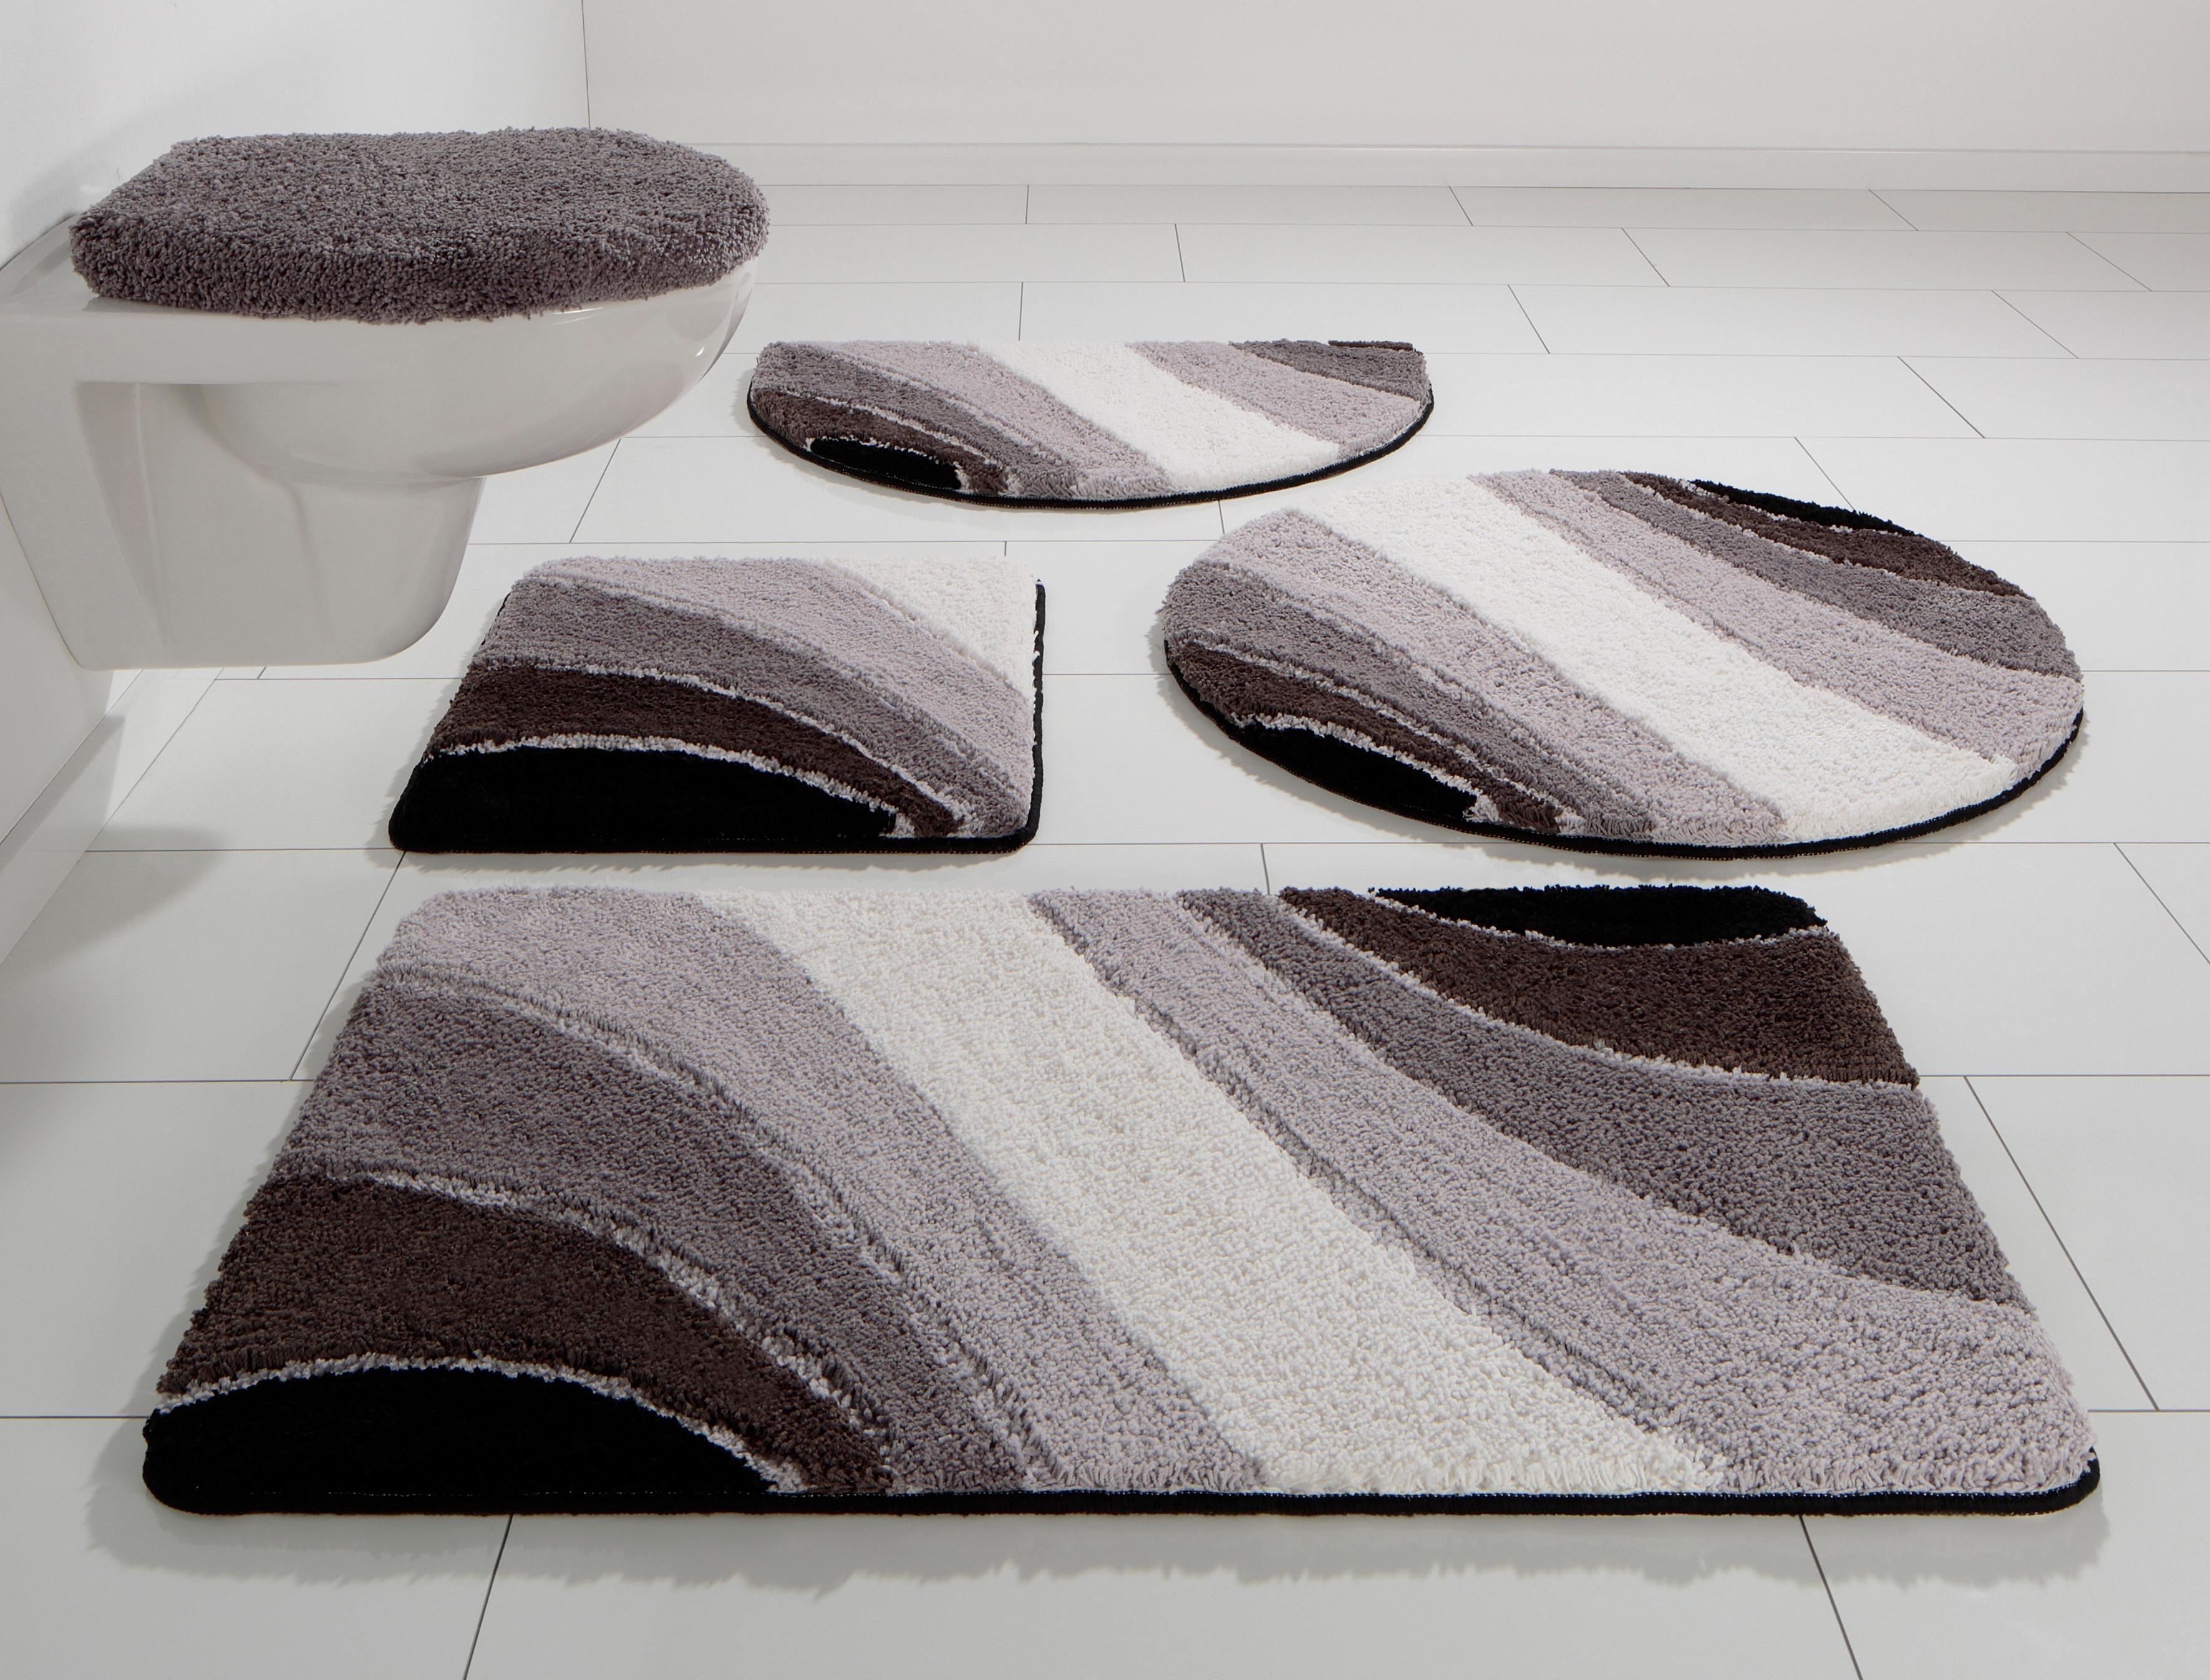 wc dichtung preisvergleich die besten angebote online kaufen. Black Bedroom Furniture Sets. Home Design Ideas